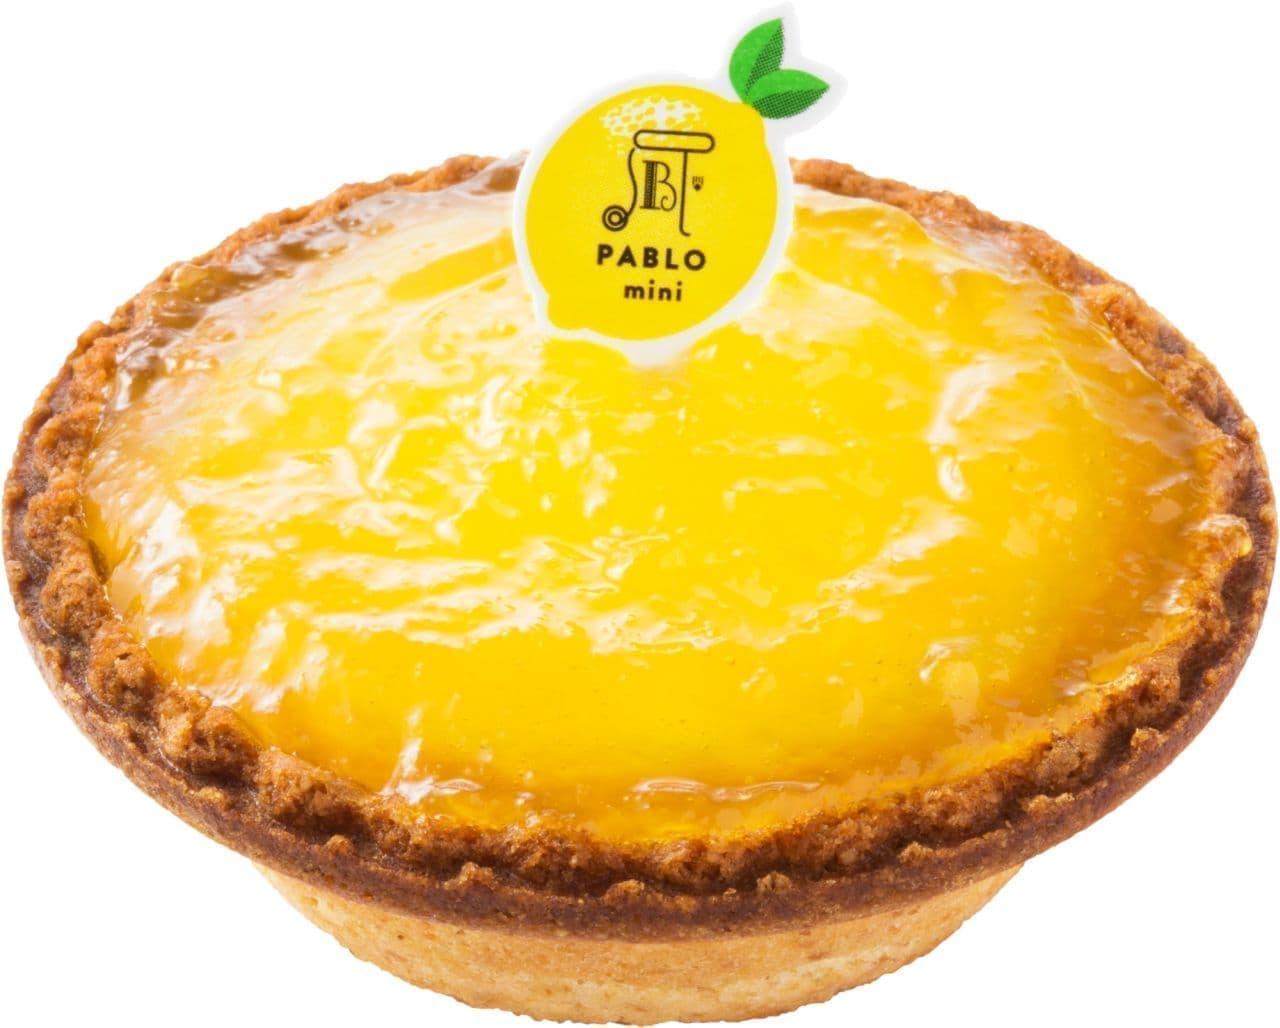 PABLO mini-Setouchi Lemon